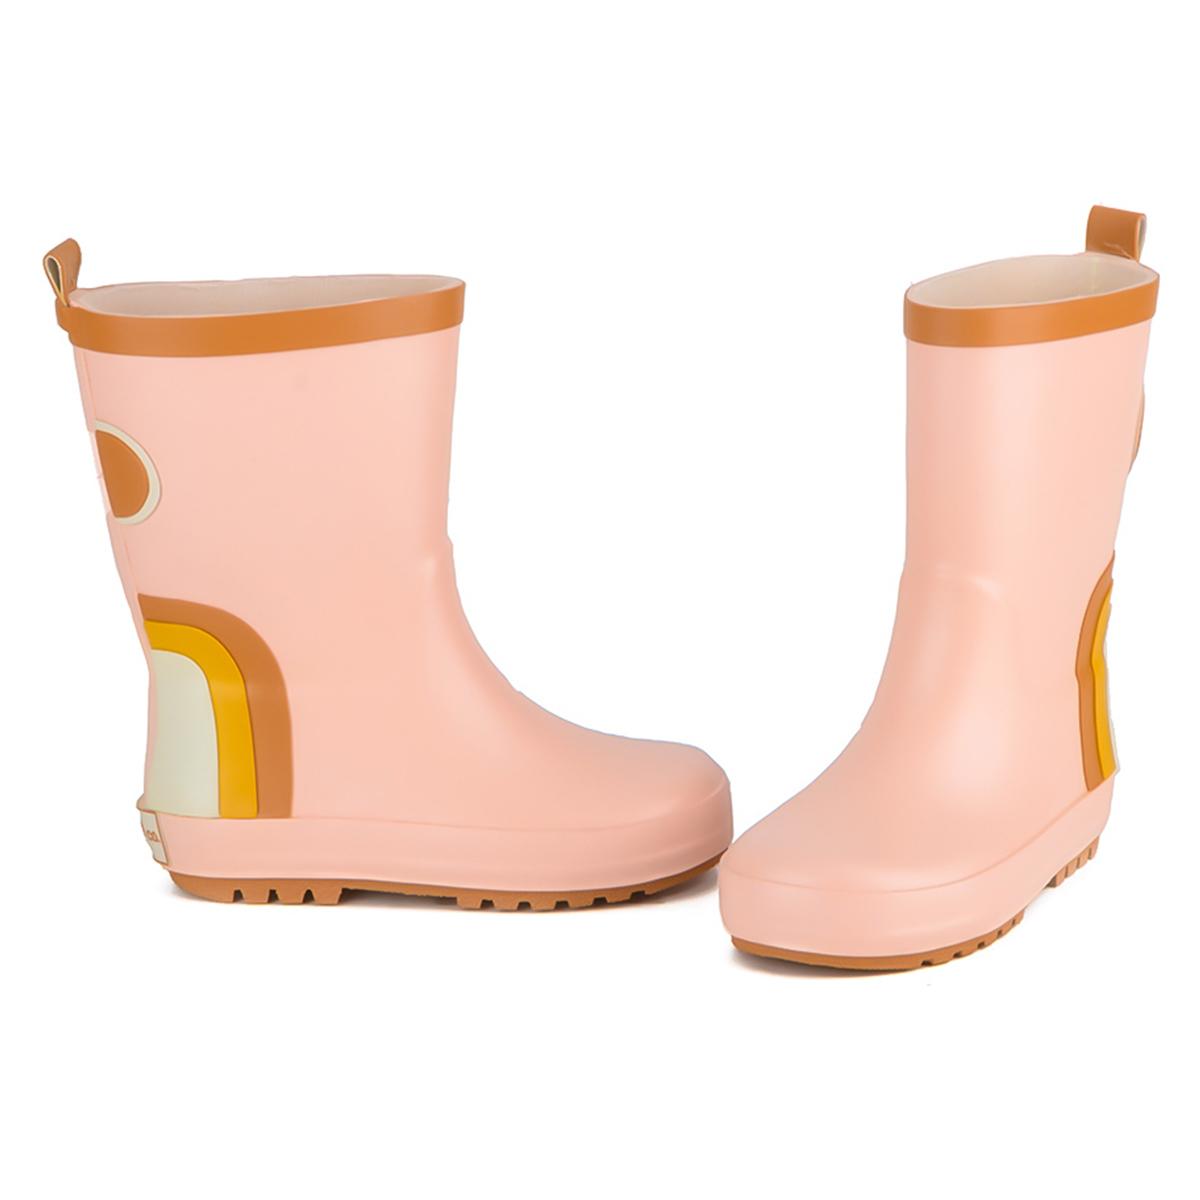 Chaussons & Chaussures Bottes de Pluie Rainbow Shell - 24 Bottes de Pluie Rainbow Shell - 24